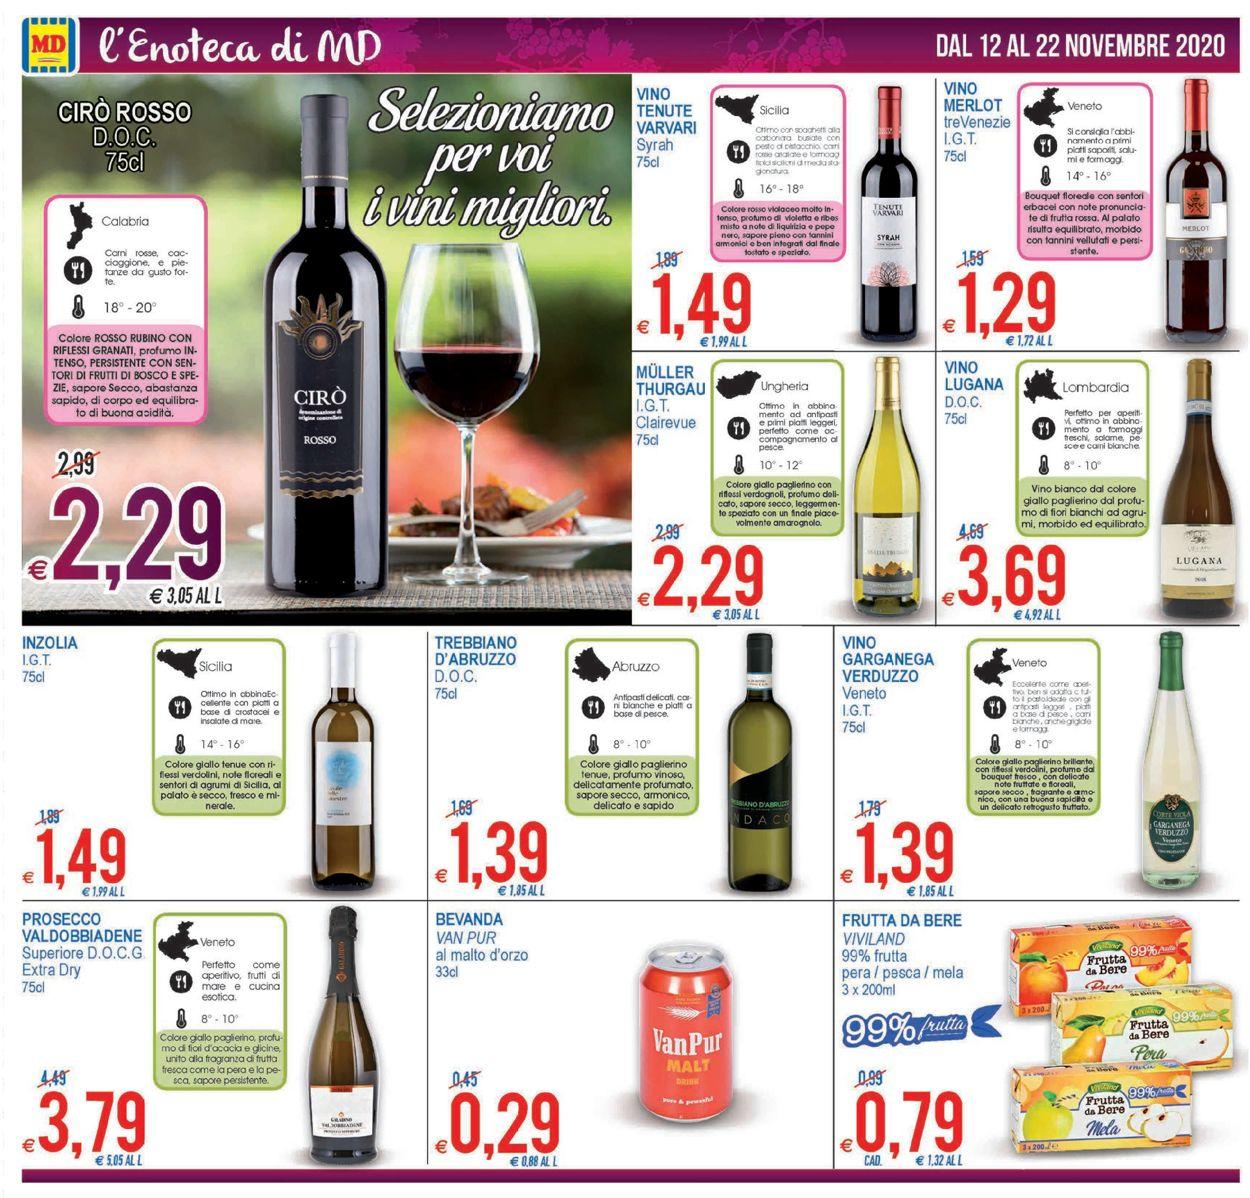 Volantino MD Discount - Offerte 12/11-22/11/2020 (Pagina 12)